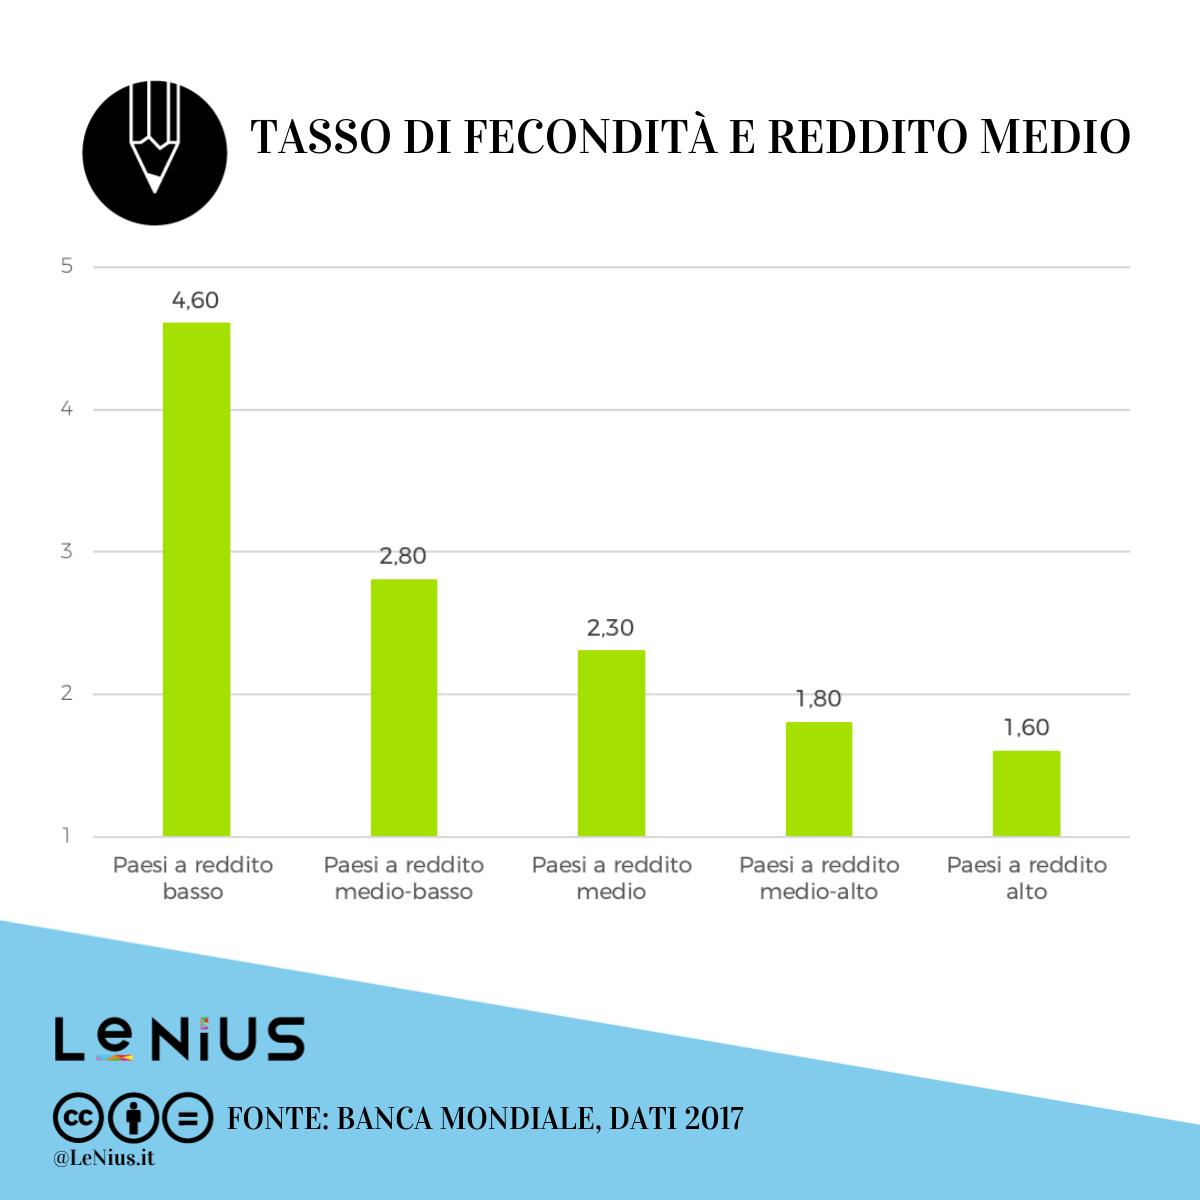 tasso di fecondità e reddito medio